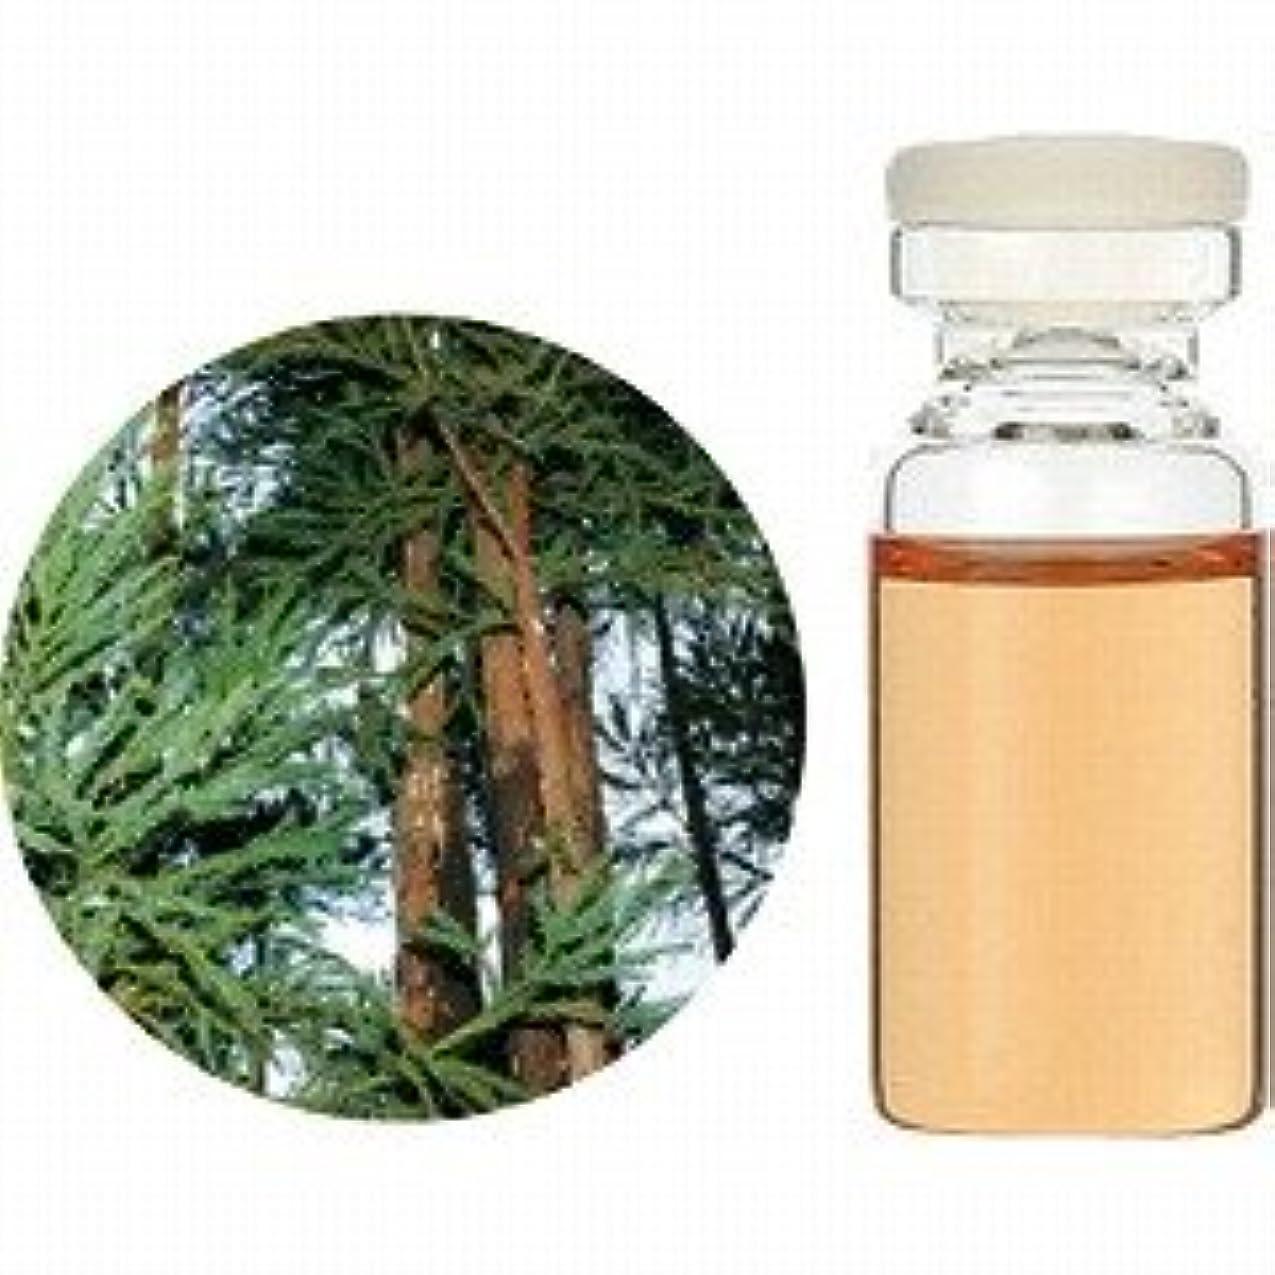 試してみる刺します処理する【生活の木】エッセンシャルオイル(精油) 杉(木部) 3ml